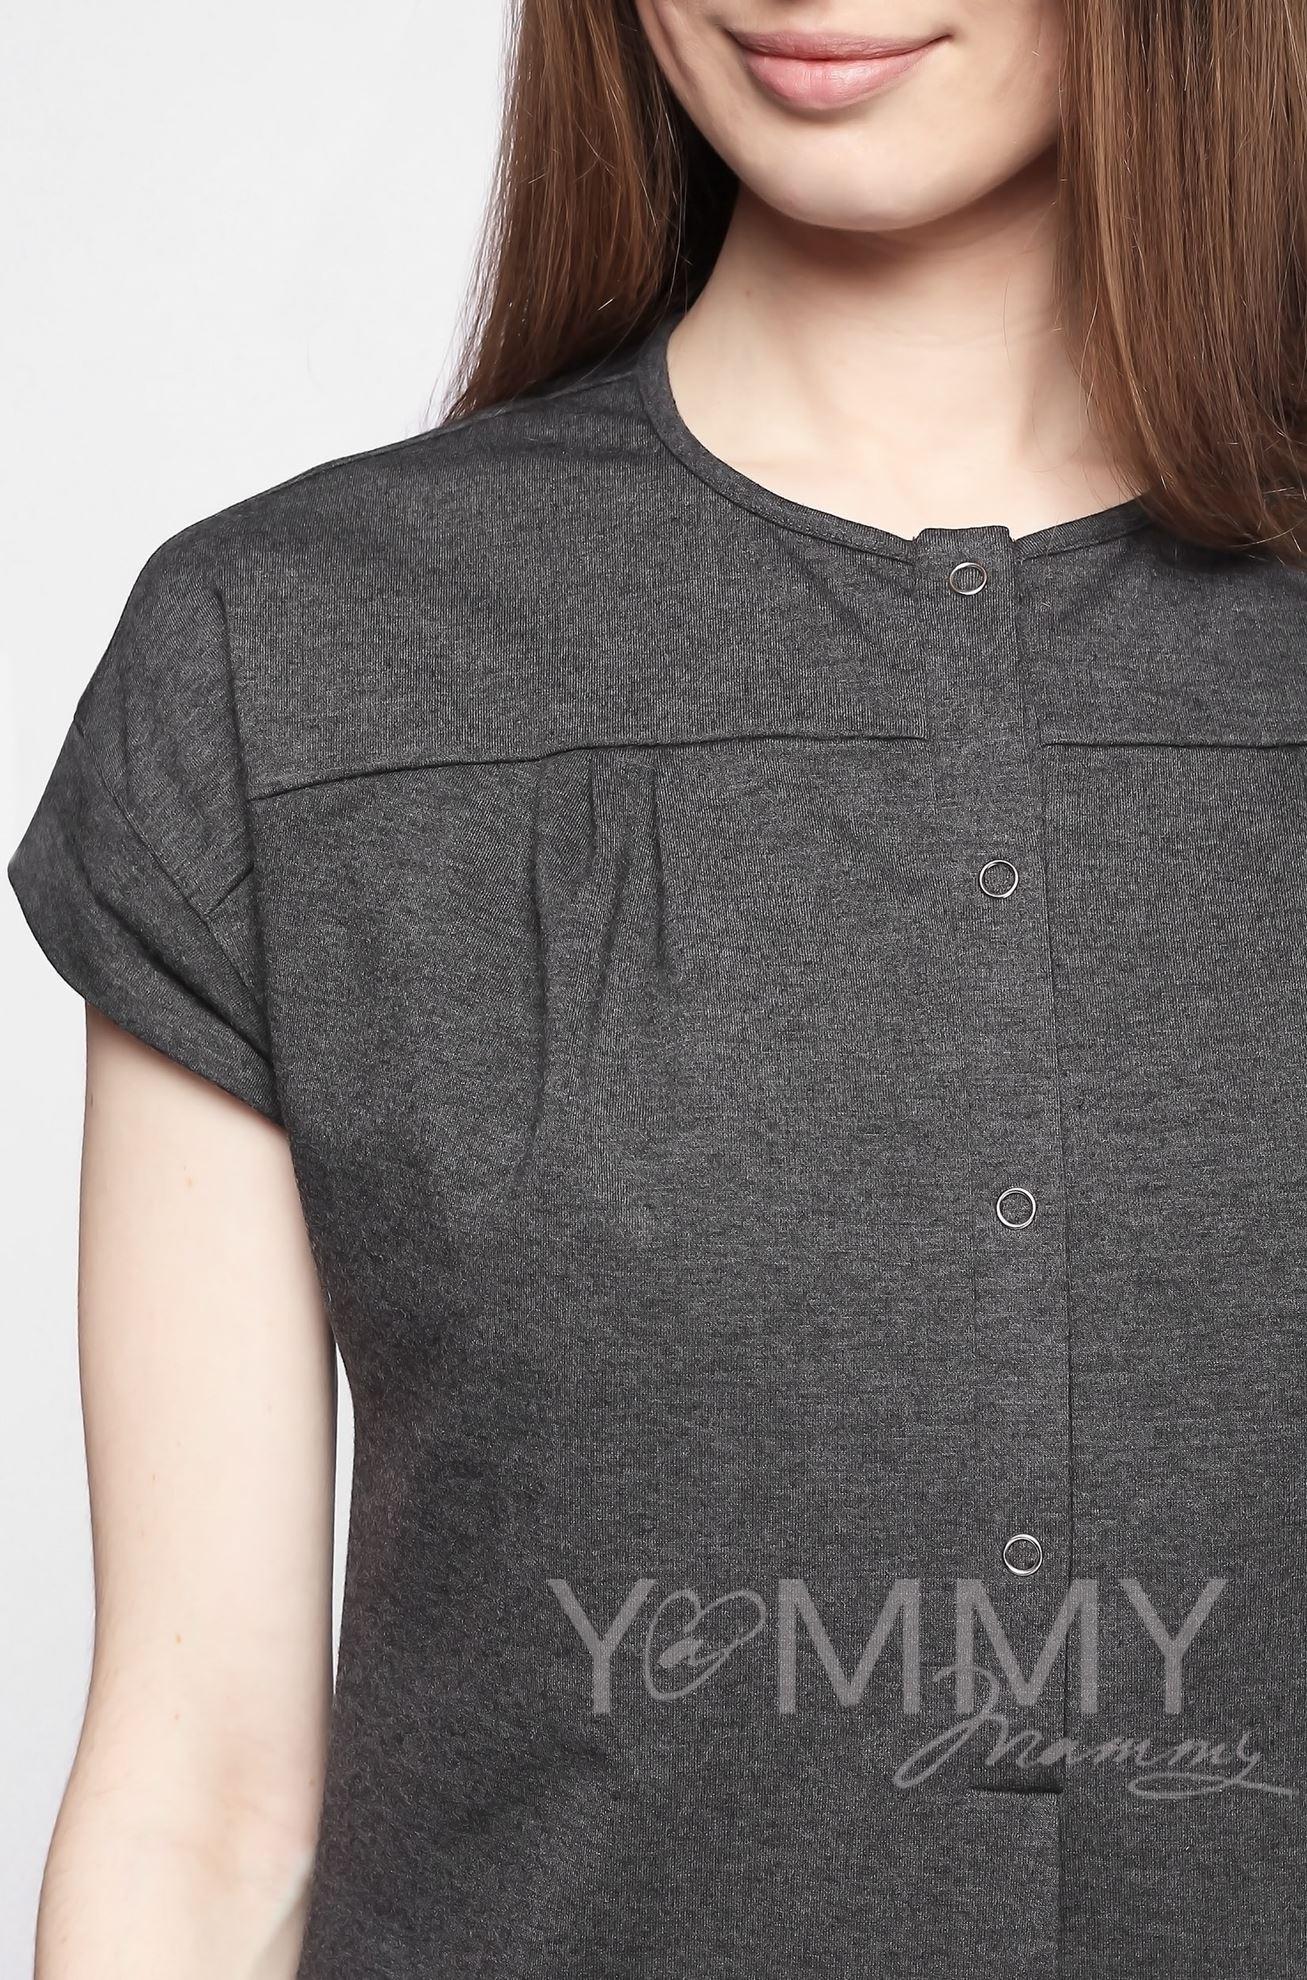 Изображение                               Платье на кнопках темно-серый меланж